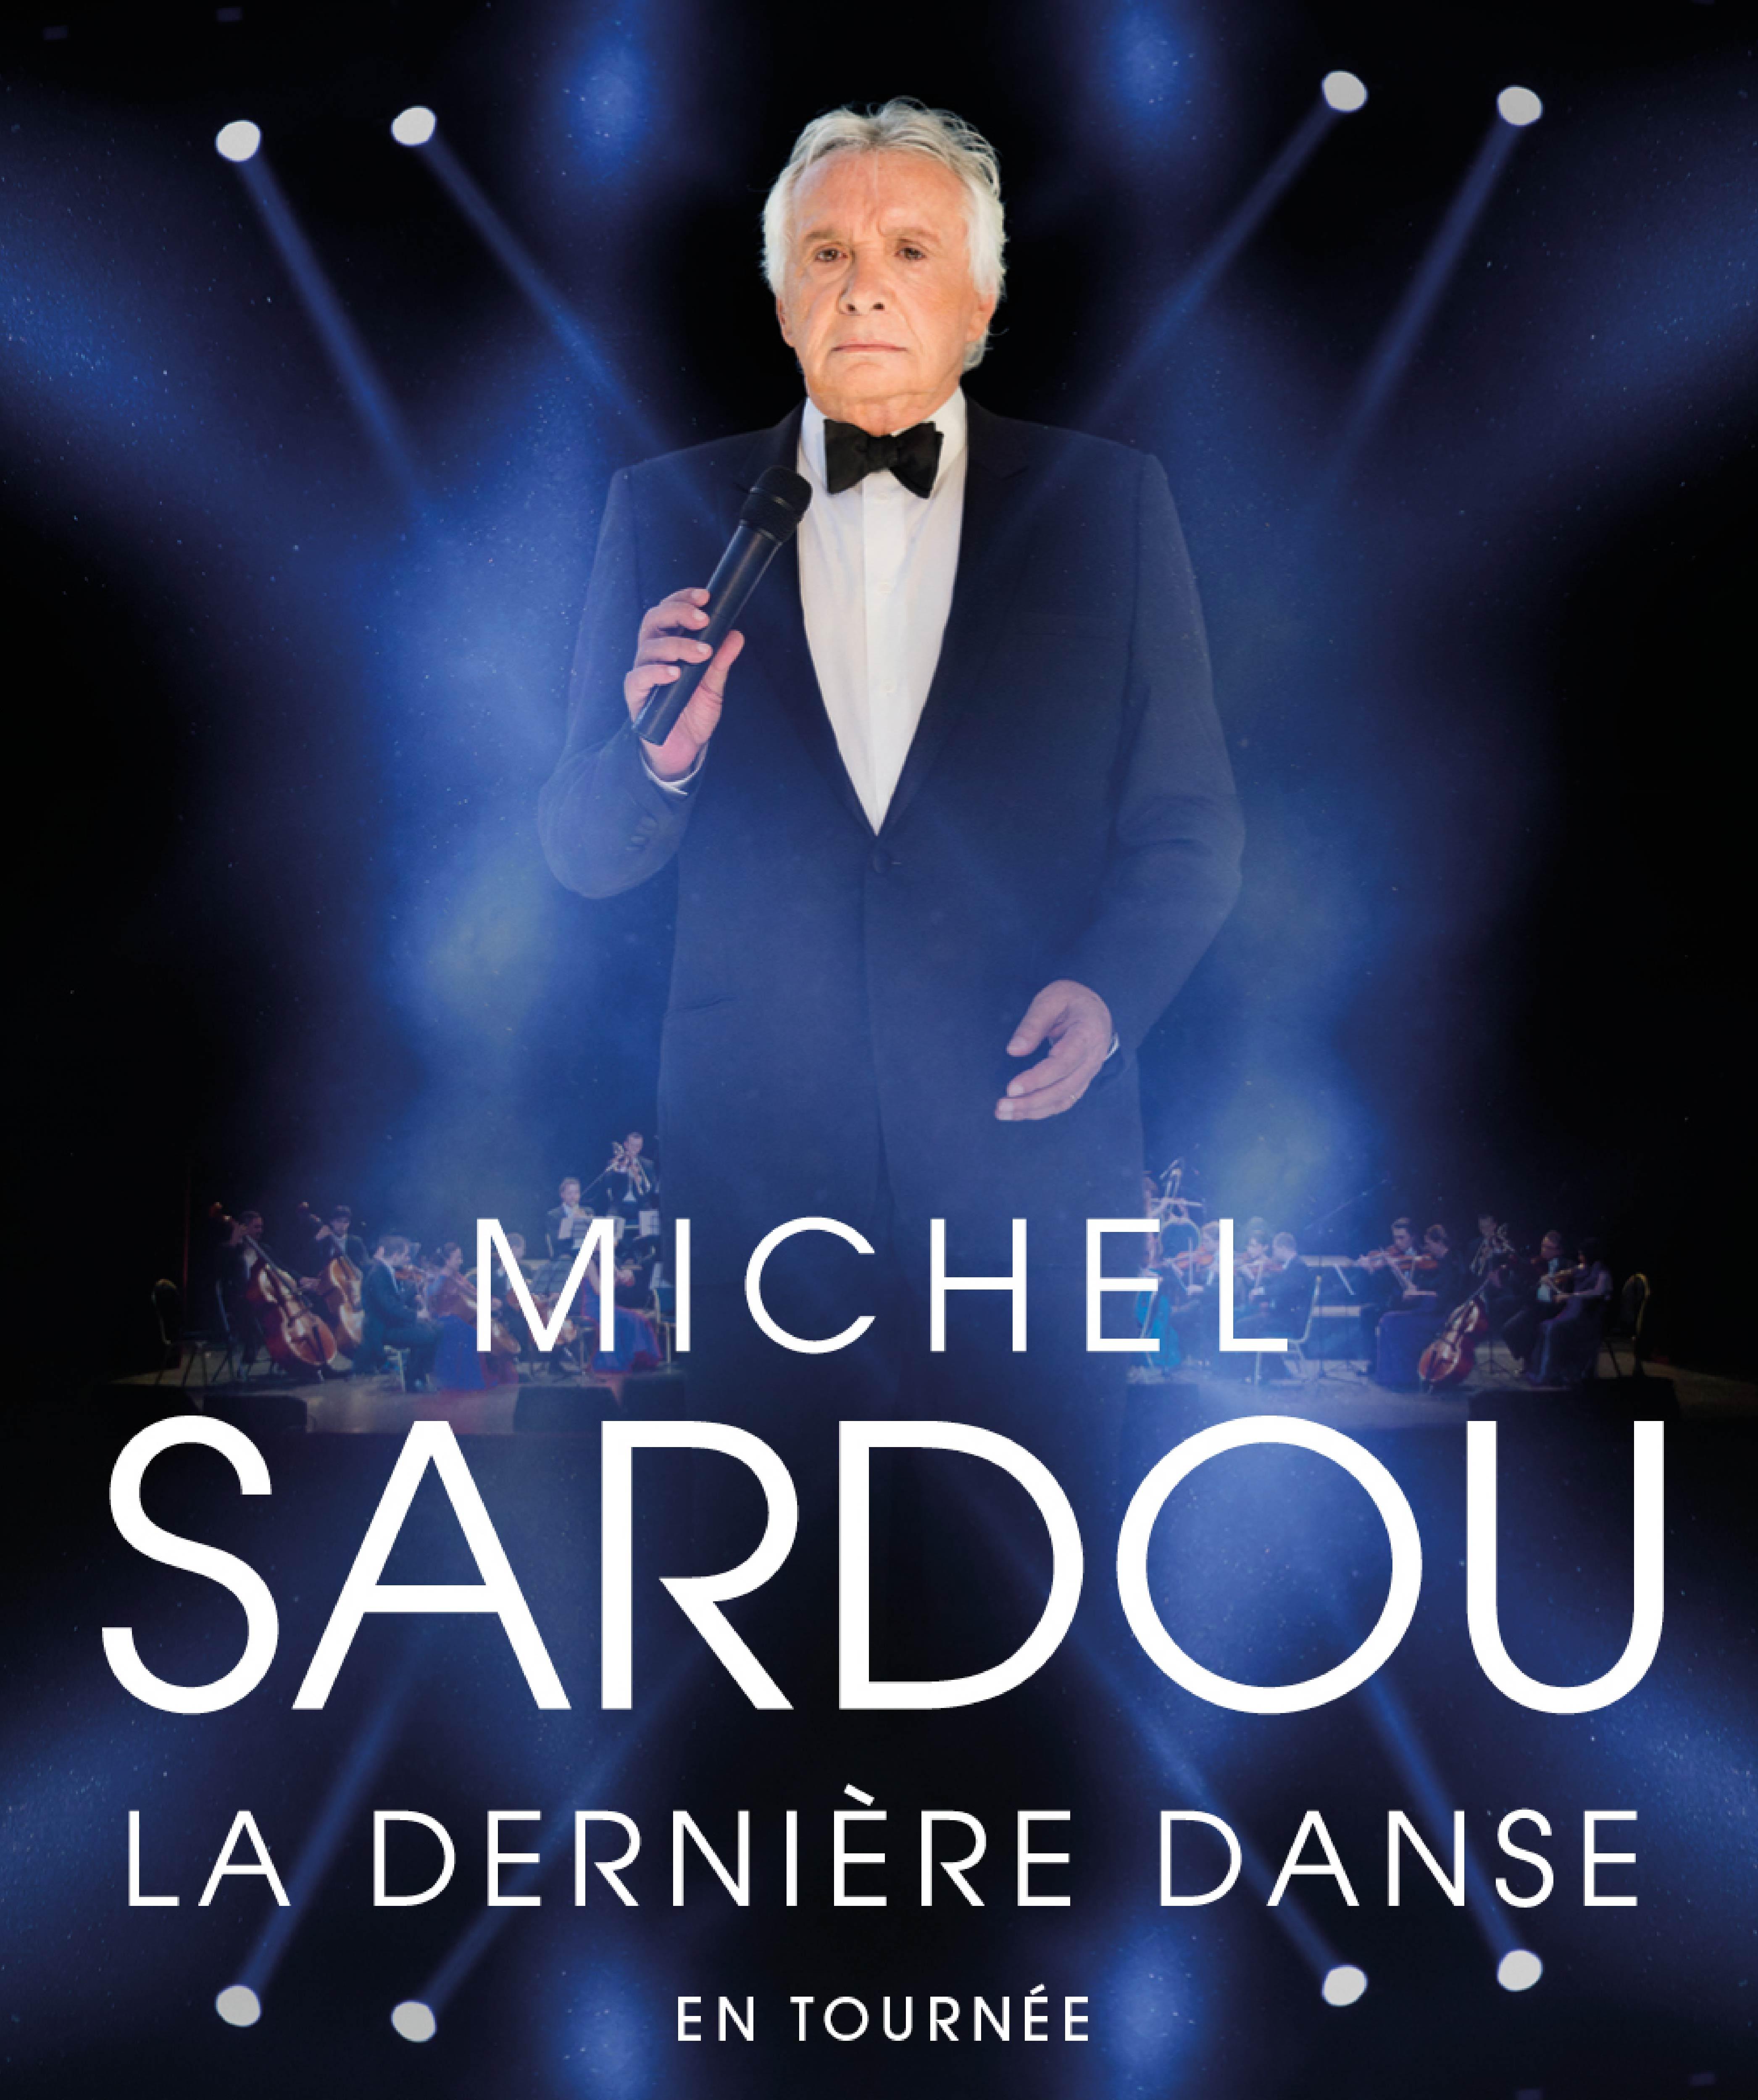 Les Bons Plans à Bordeaux vous font gagner vos places pour le concert événement de Michel Sardou à la Bordeaux Métropole Arena